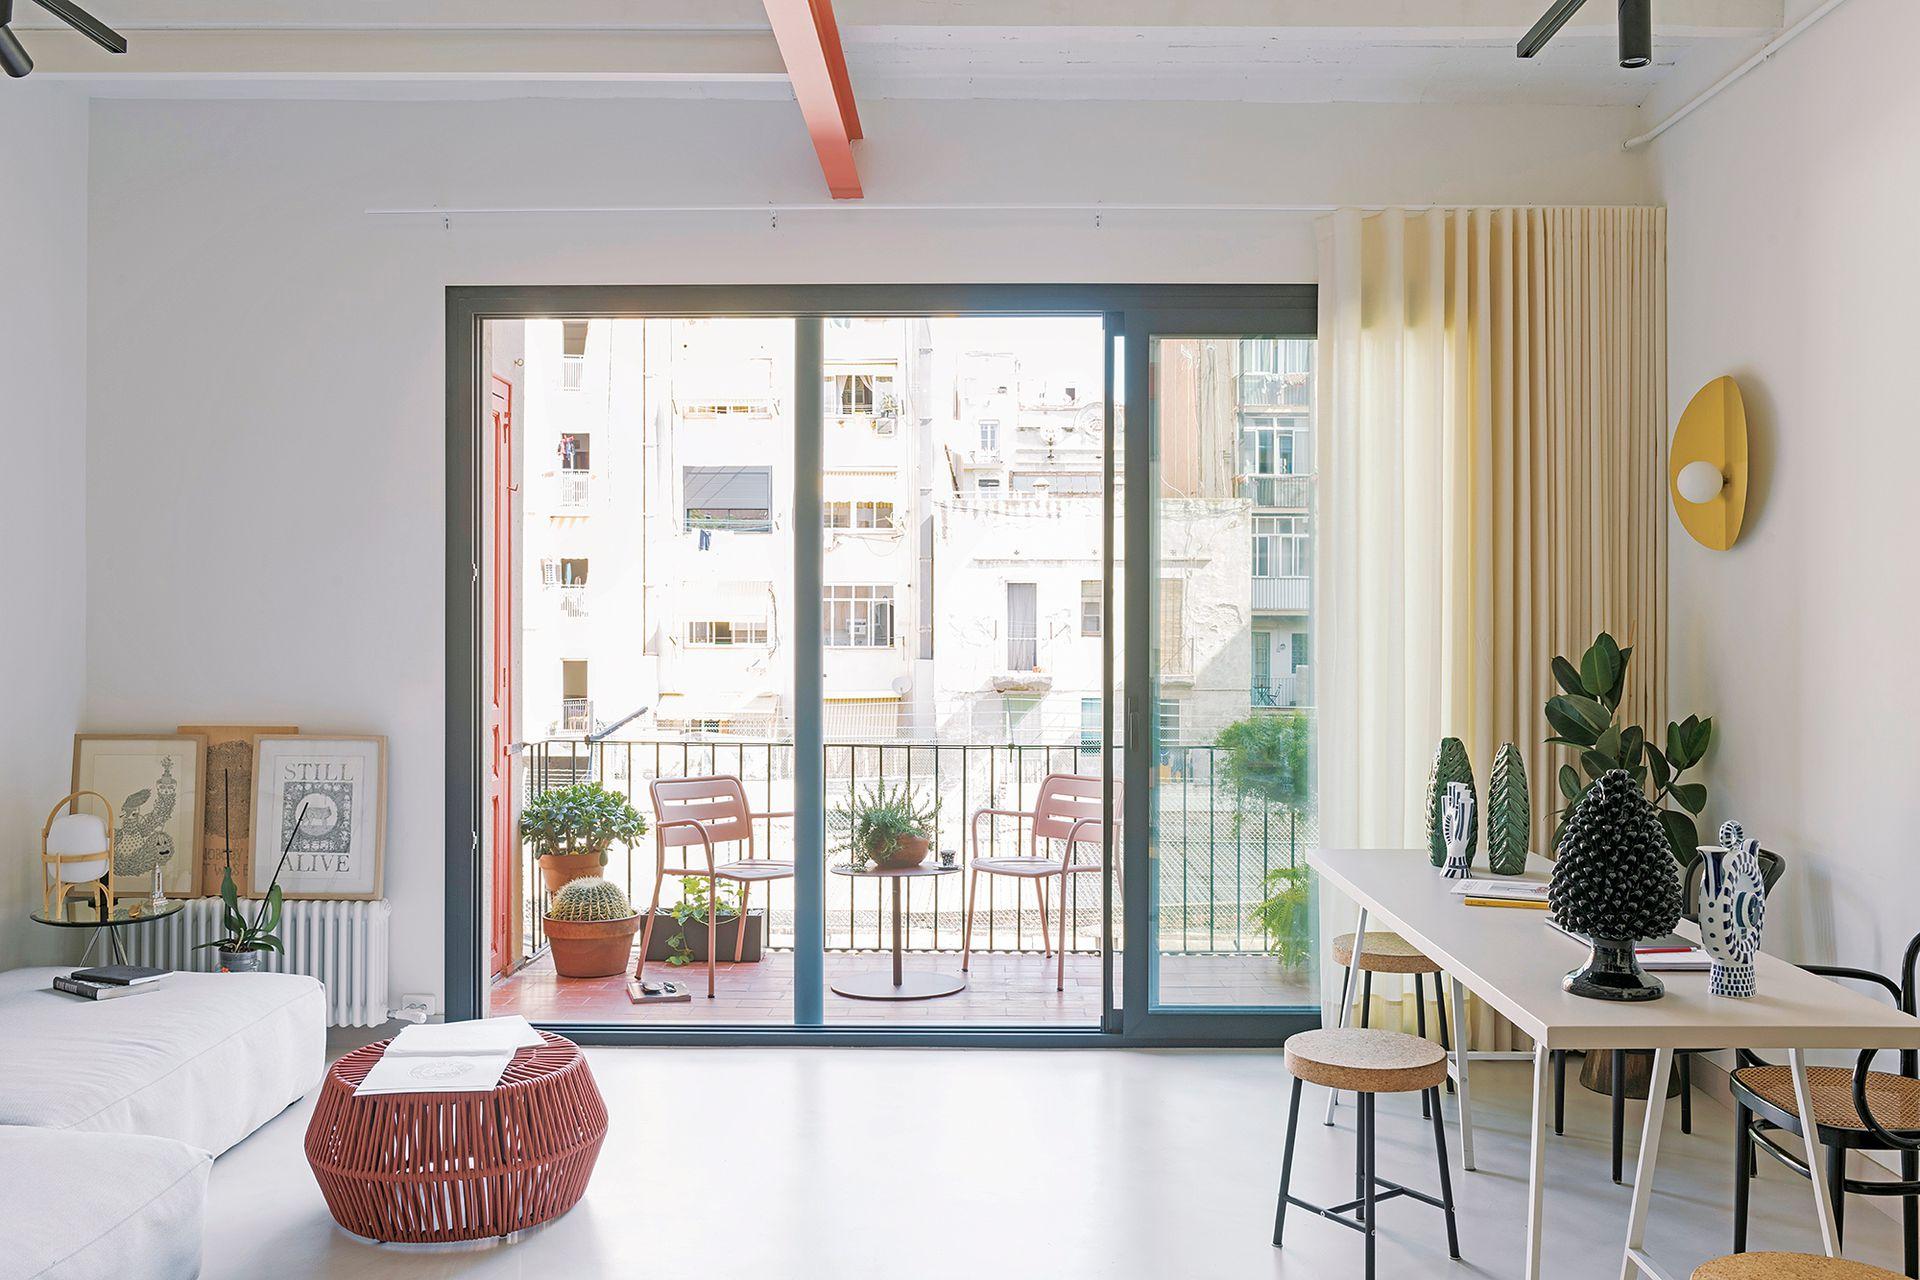 En el balcón, mesa auxiliar 'Objects' y sillas 'Village', diseñadas por Jasper Morrison, todo de la firma de diseño española Kettal.